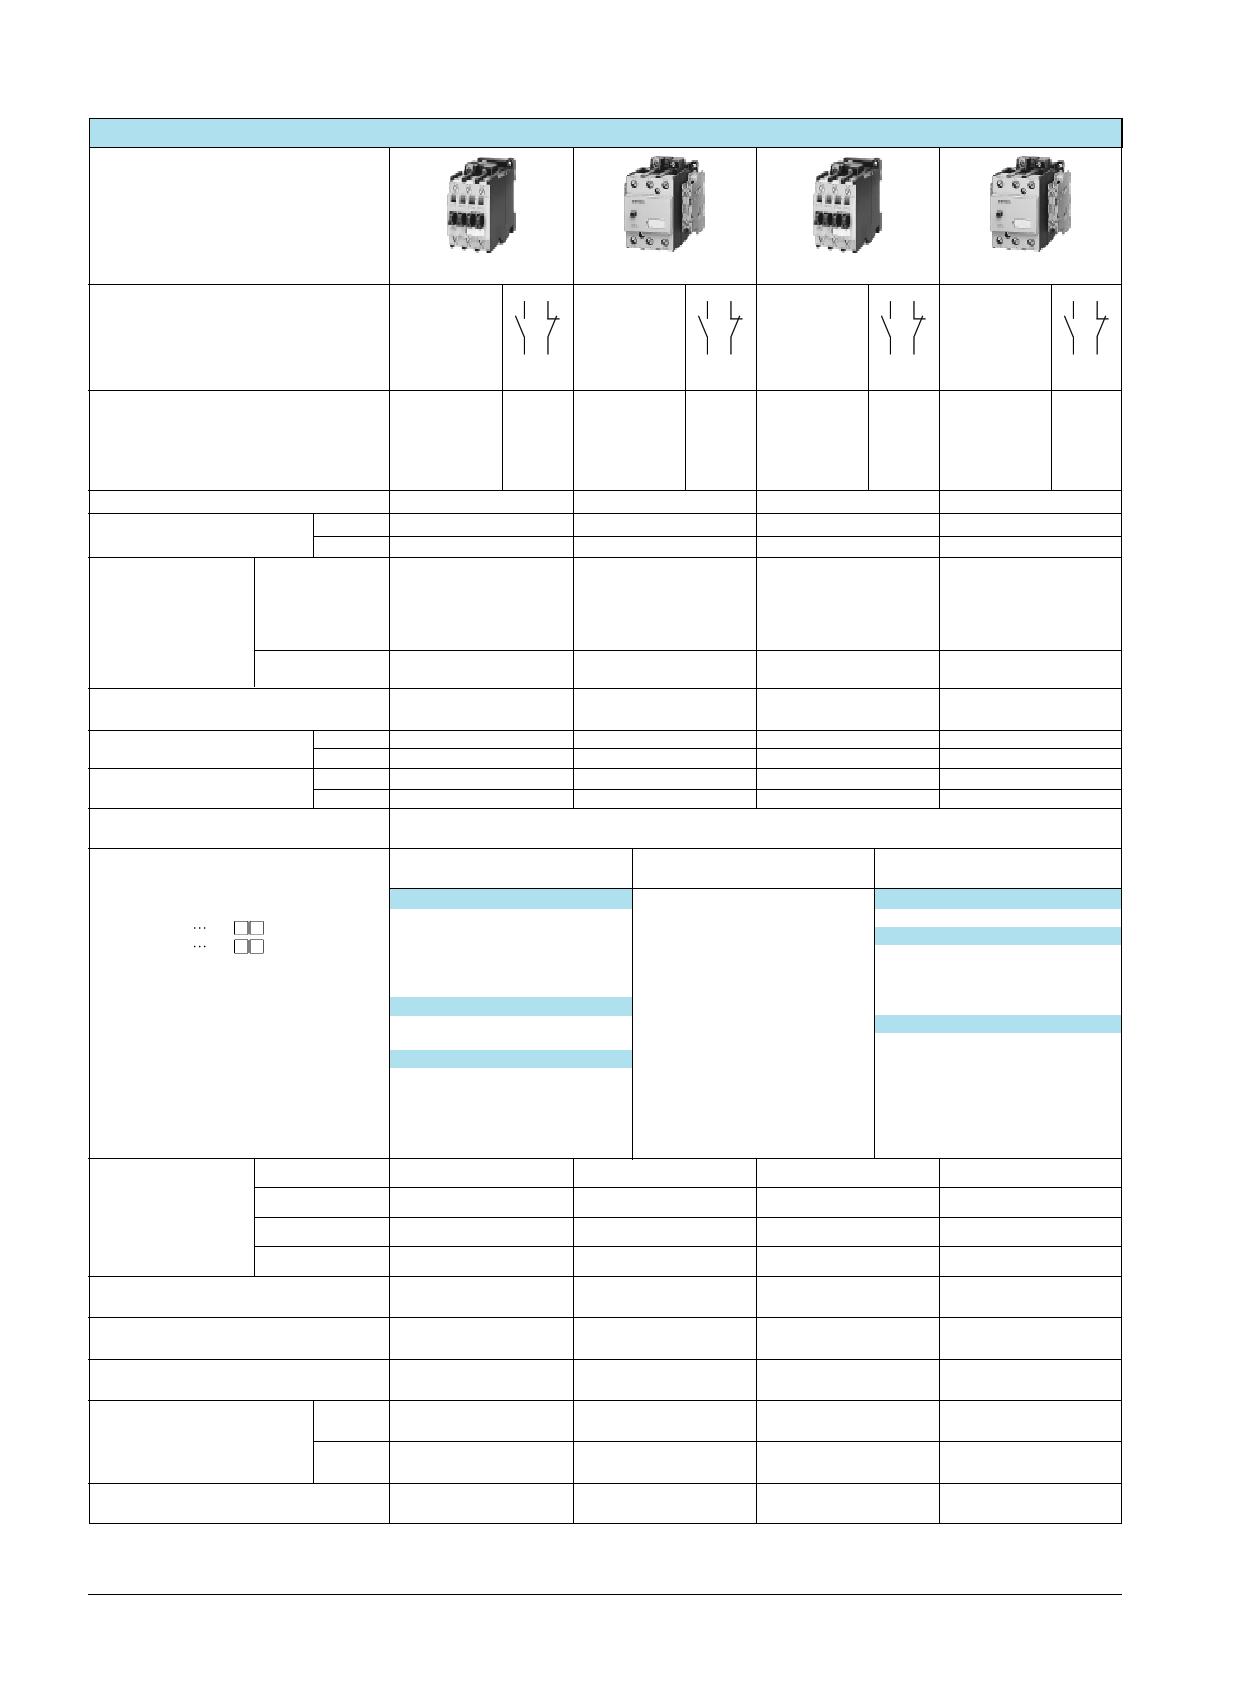 3TF50 pdf, ピン配列